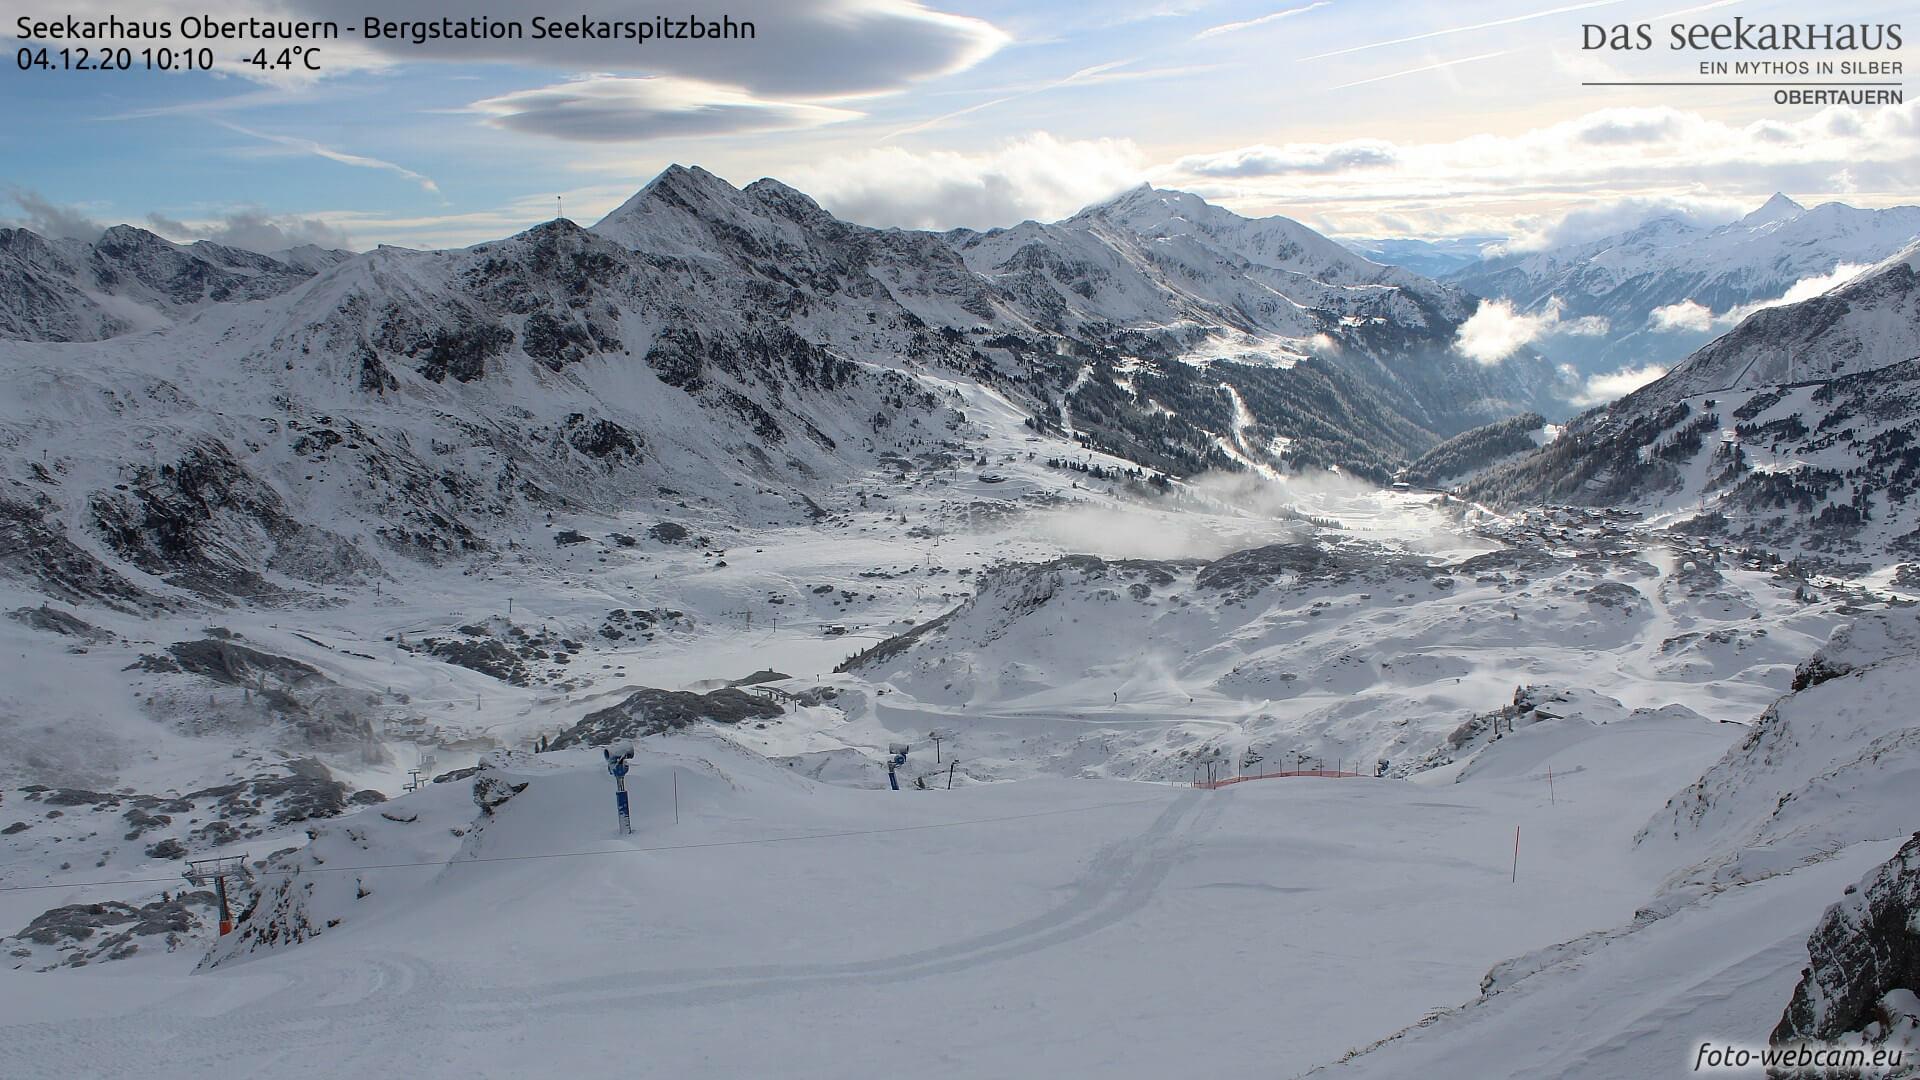 Föhnwolken über dem Lungau. Quelle: https://www.foto-webcam.eu/webcam/obertauern2/2020/12/04/1010